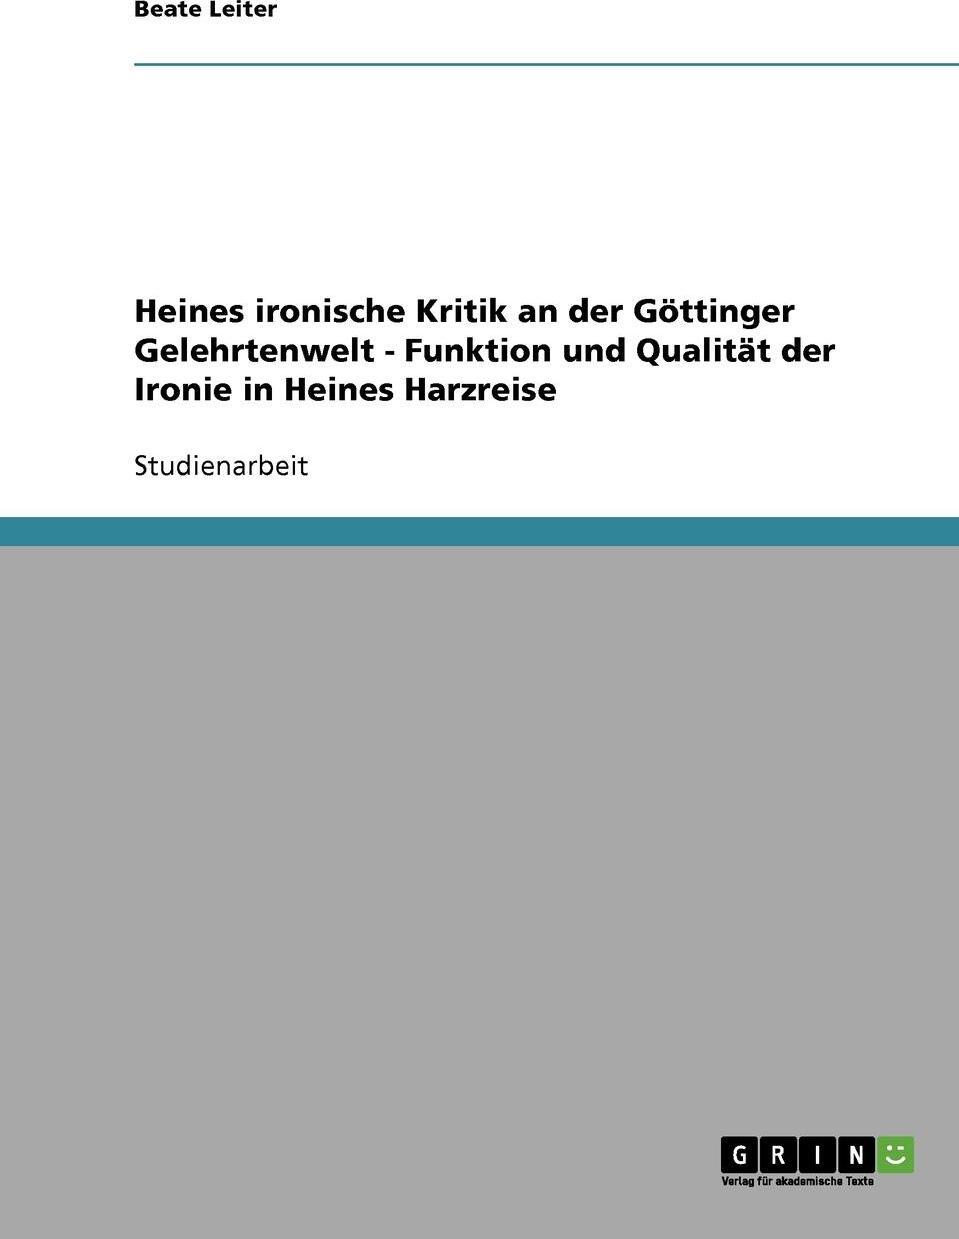 Heines ironische Kritik an der Gottinger Gelehrtenwelt - Funktion und Qualitat der Ironie in Heines Harzreise. Beate Leiter